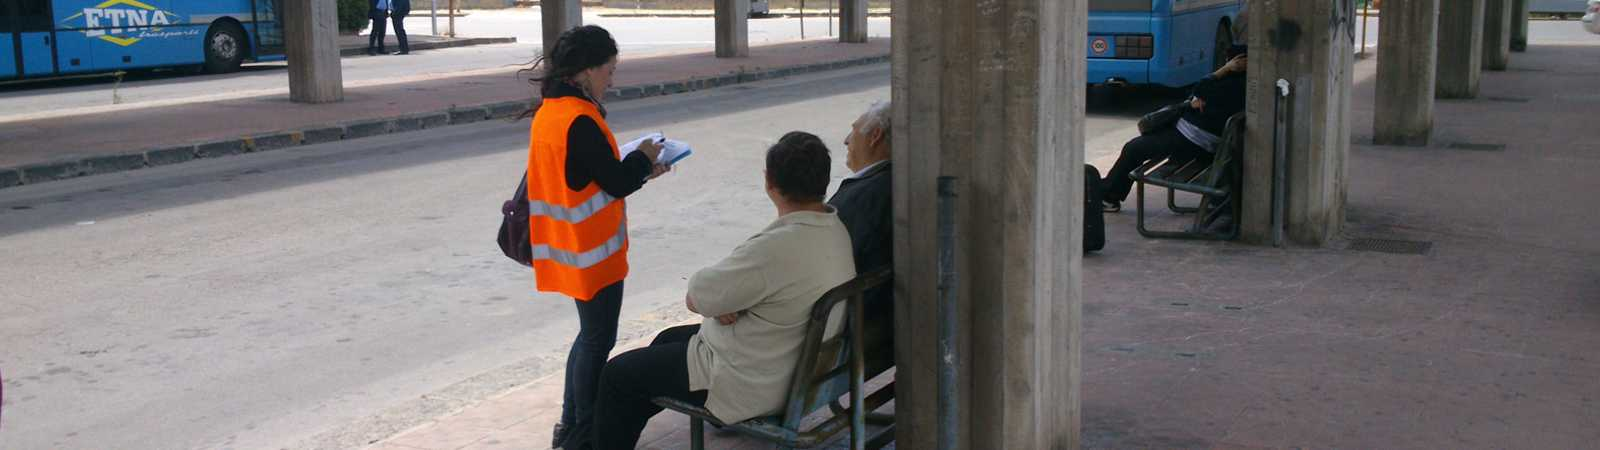 Brescia: ricerca rilevatori per indagini sul trasporto pubblico